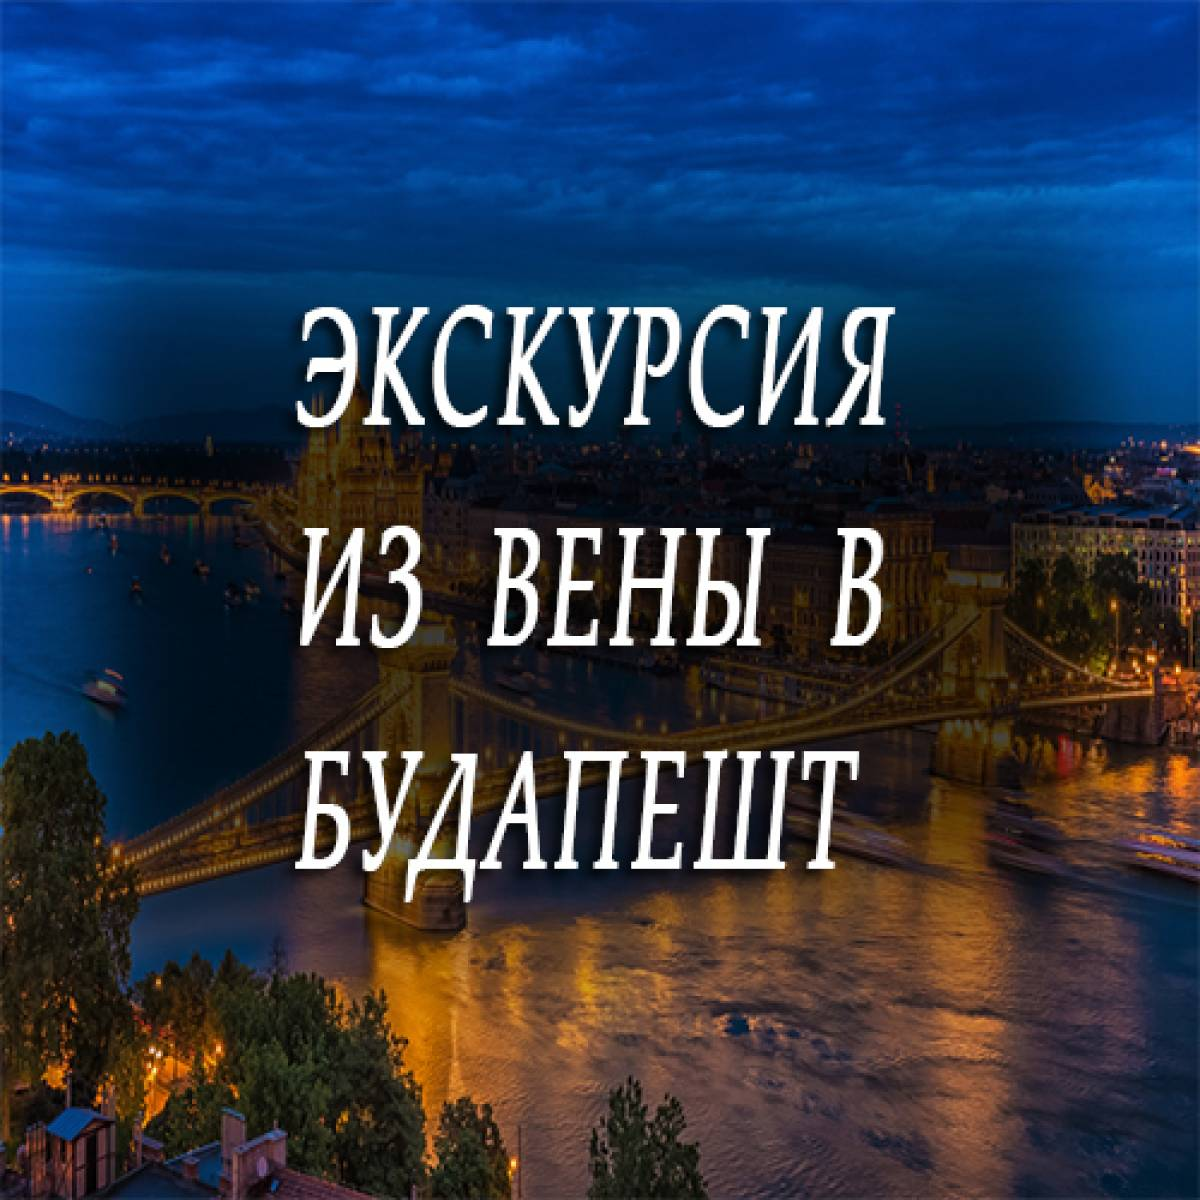 94f6f996ec3a866ce6d587d28bd5b809_XL.jpg